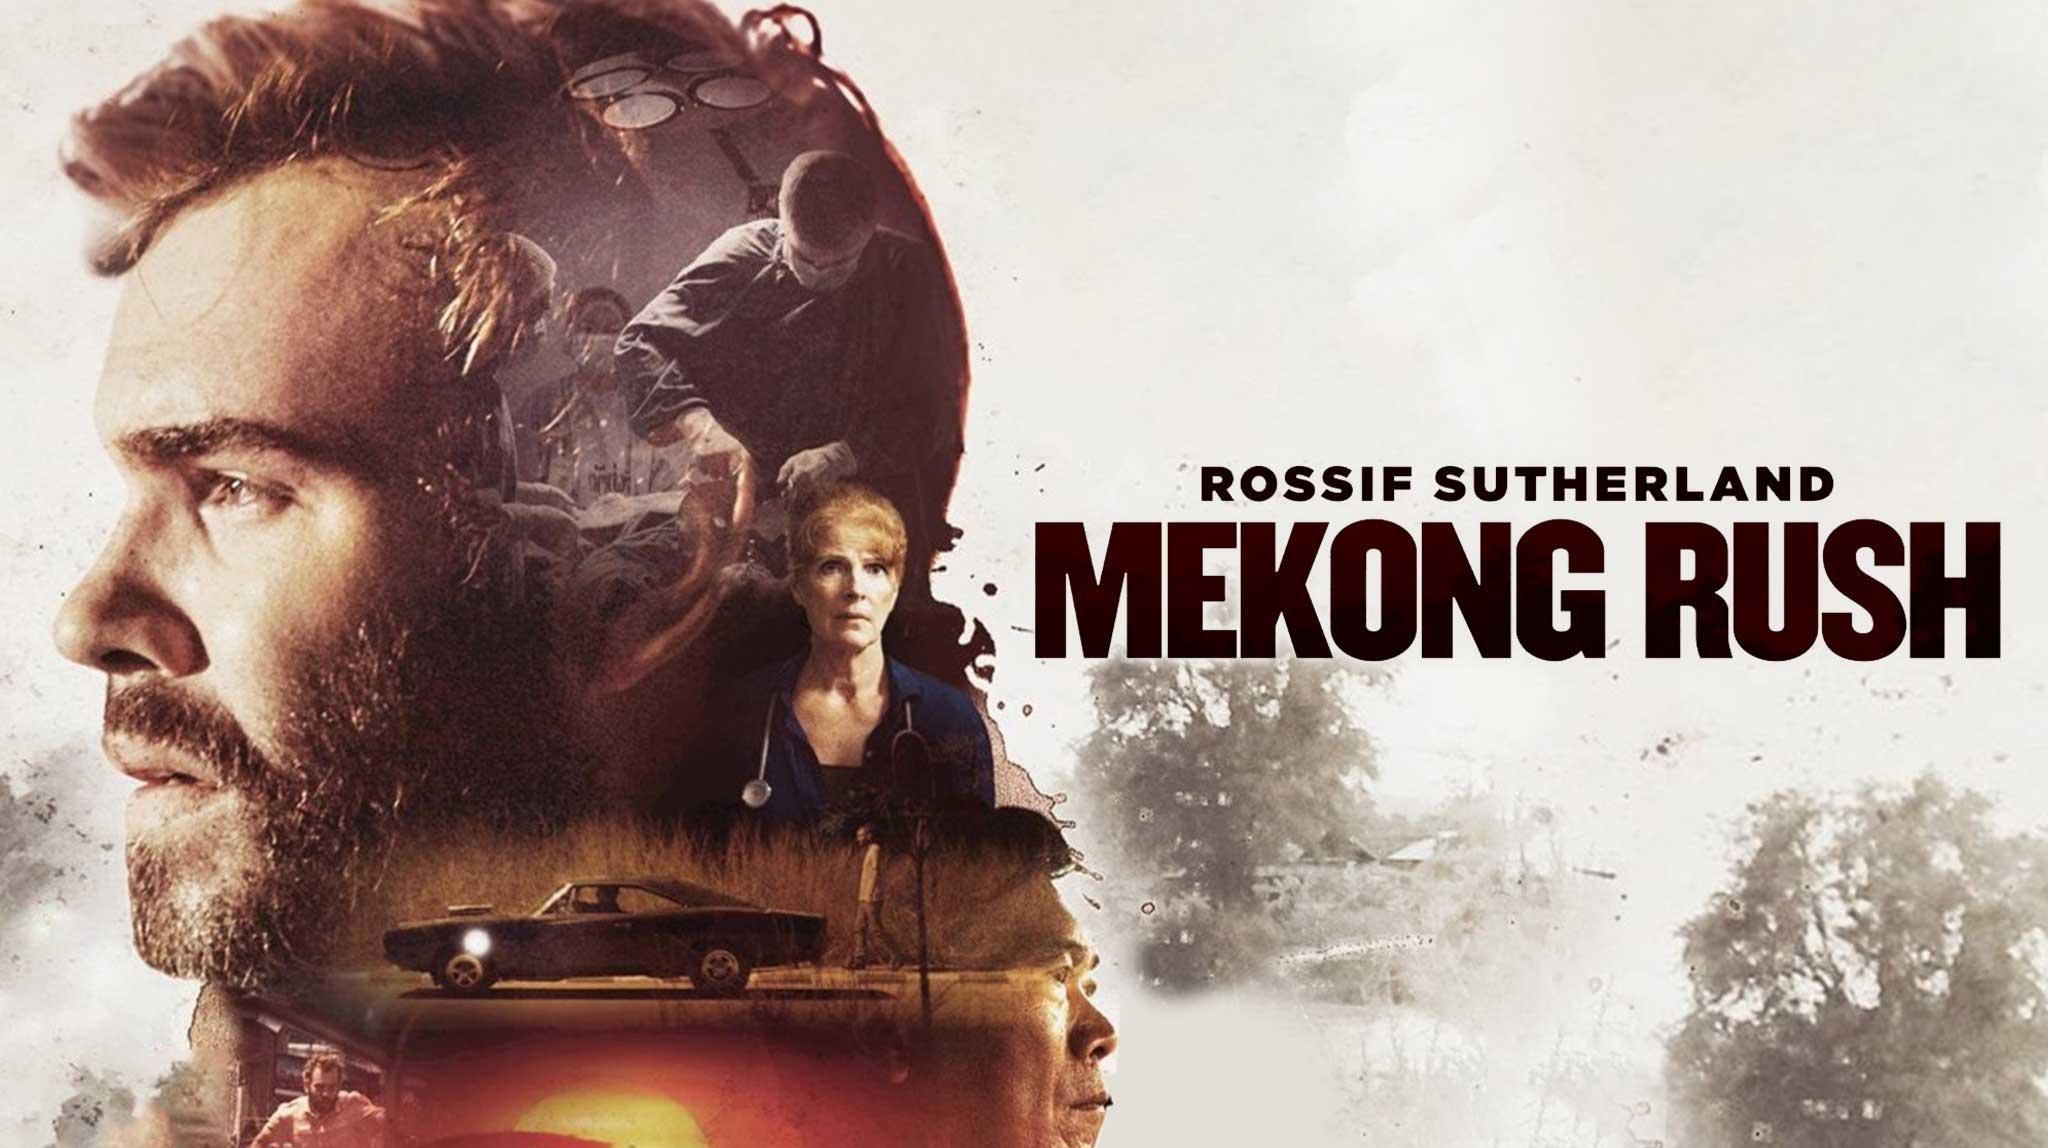 mekong-rush-renn-um-dein-leben\header.jpg